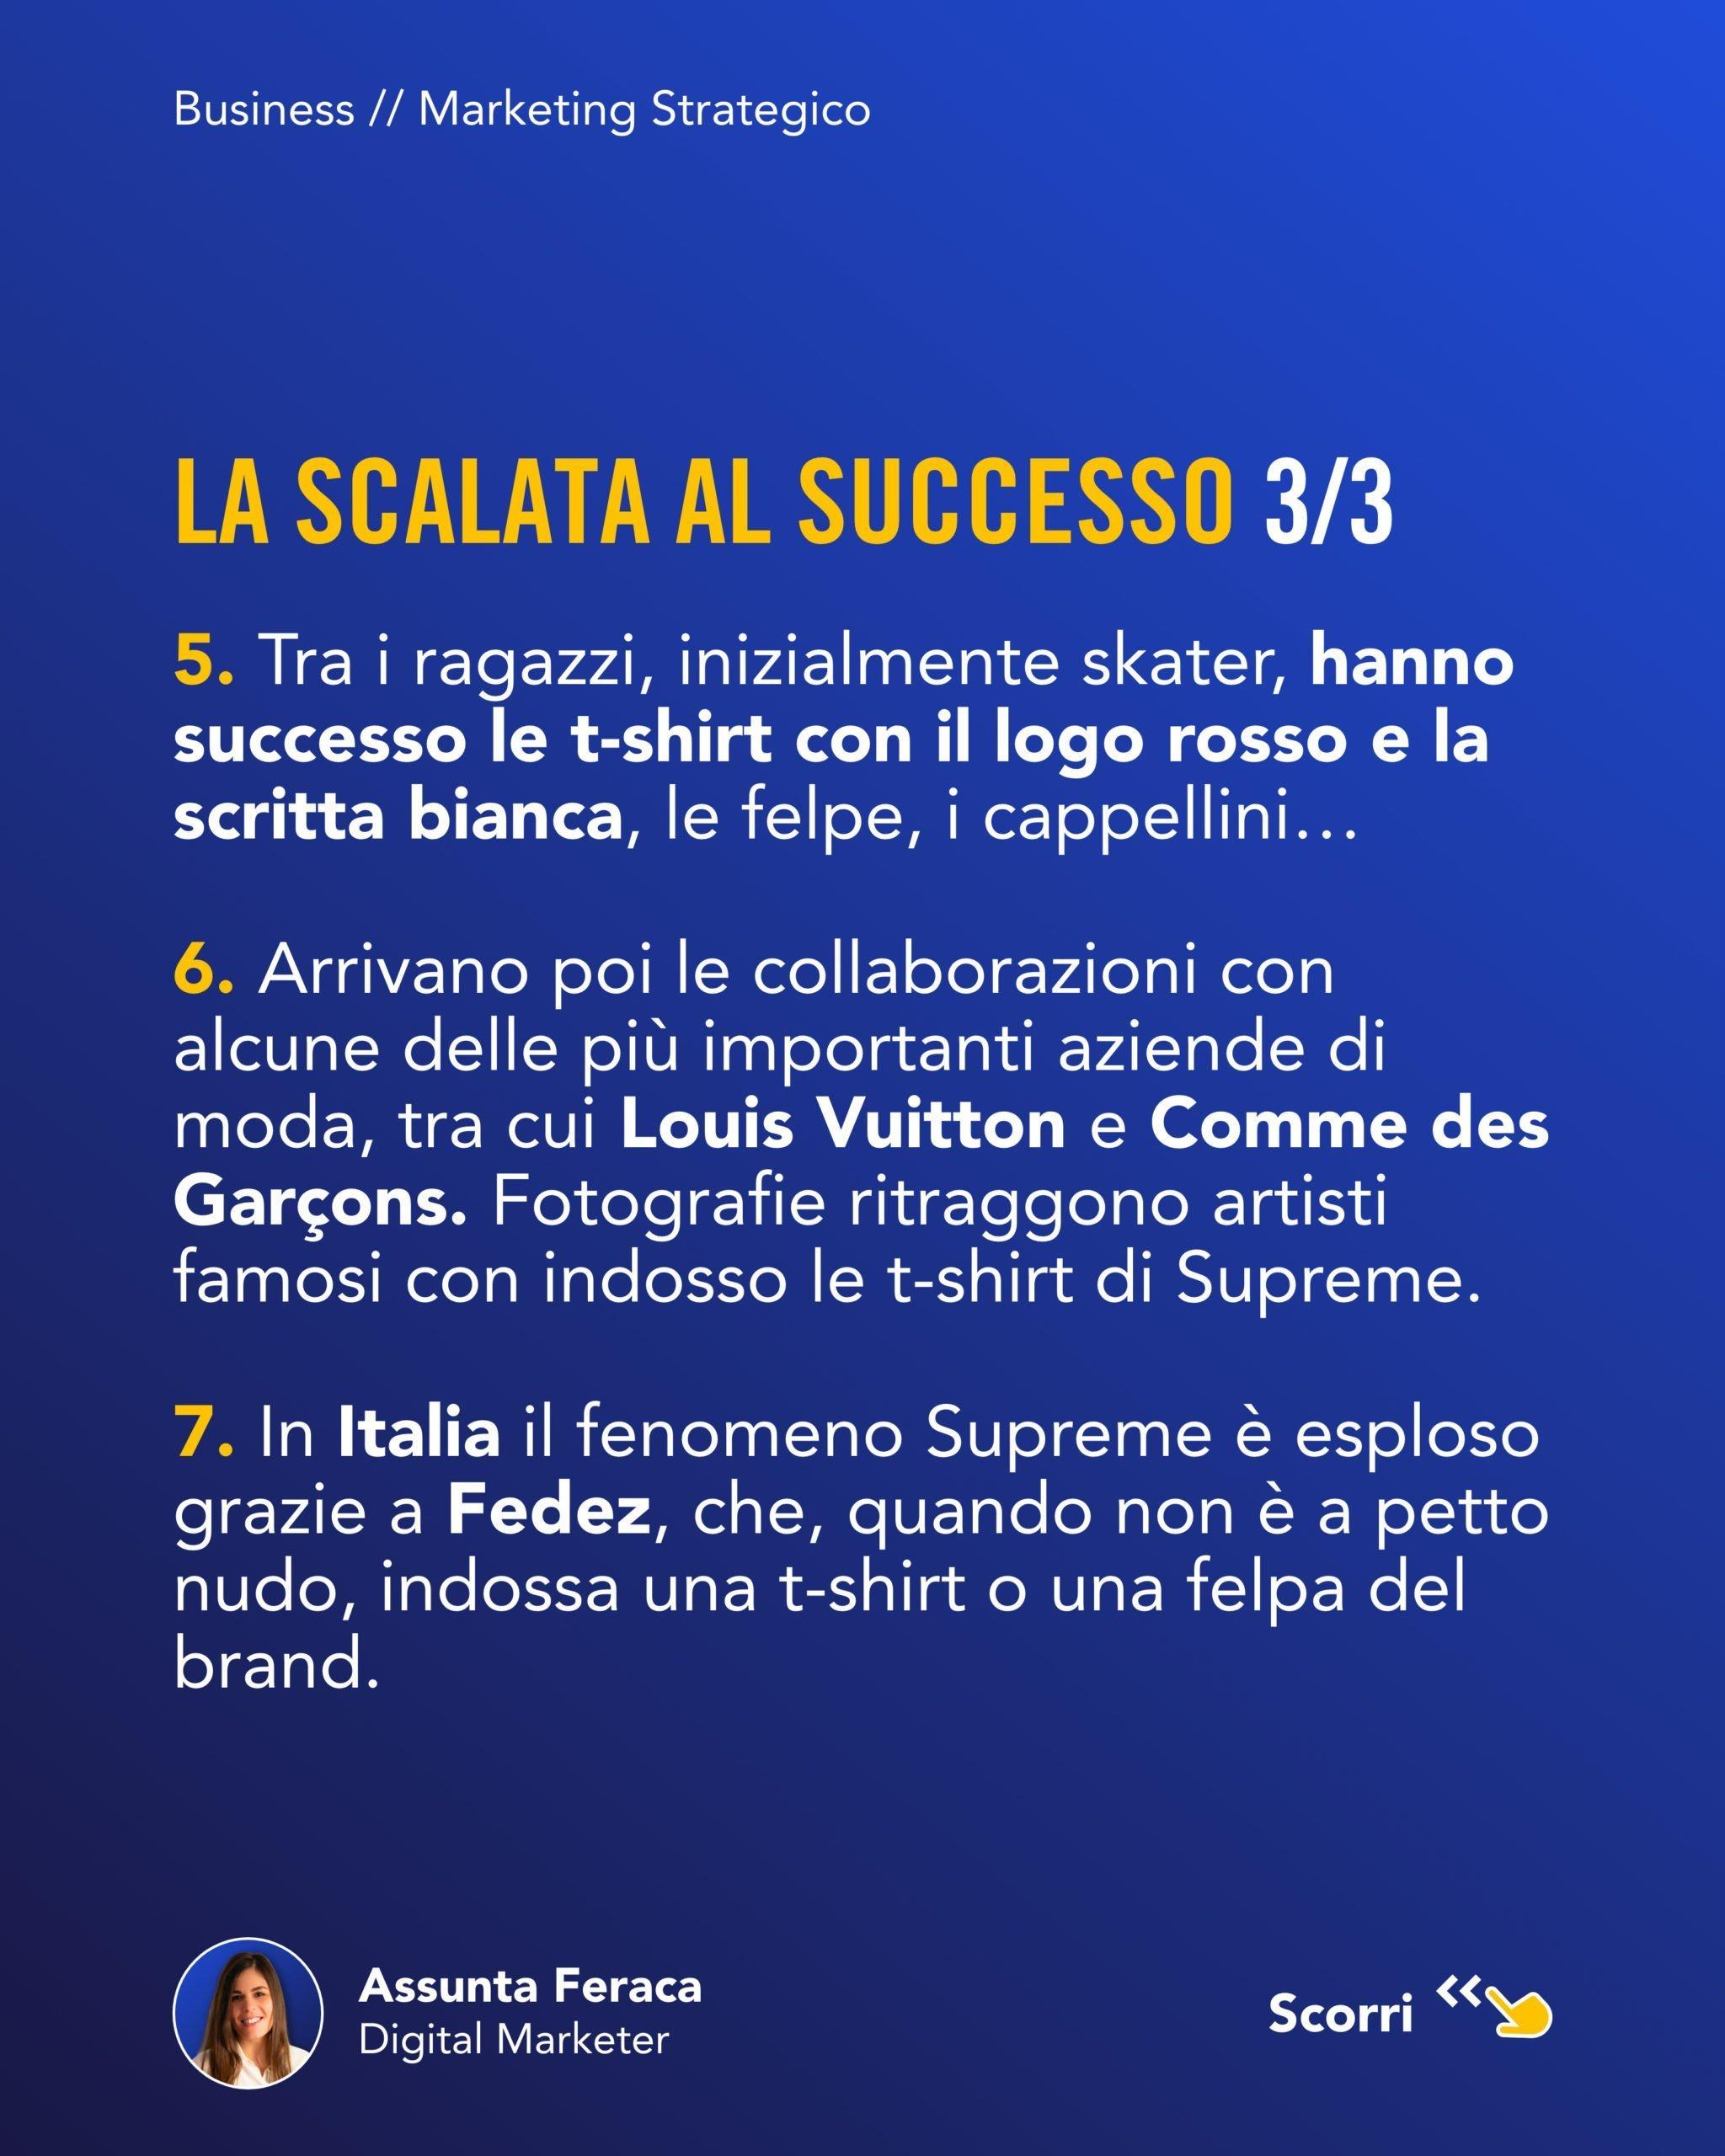 Supreme tutti i segreti del successo-08